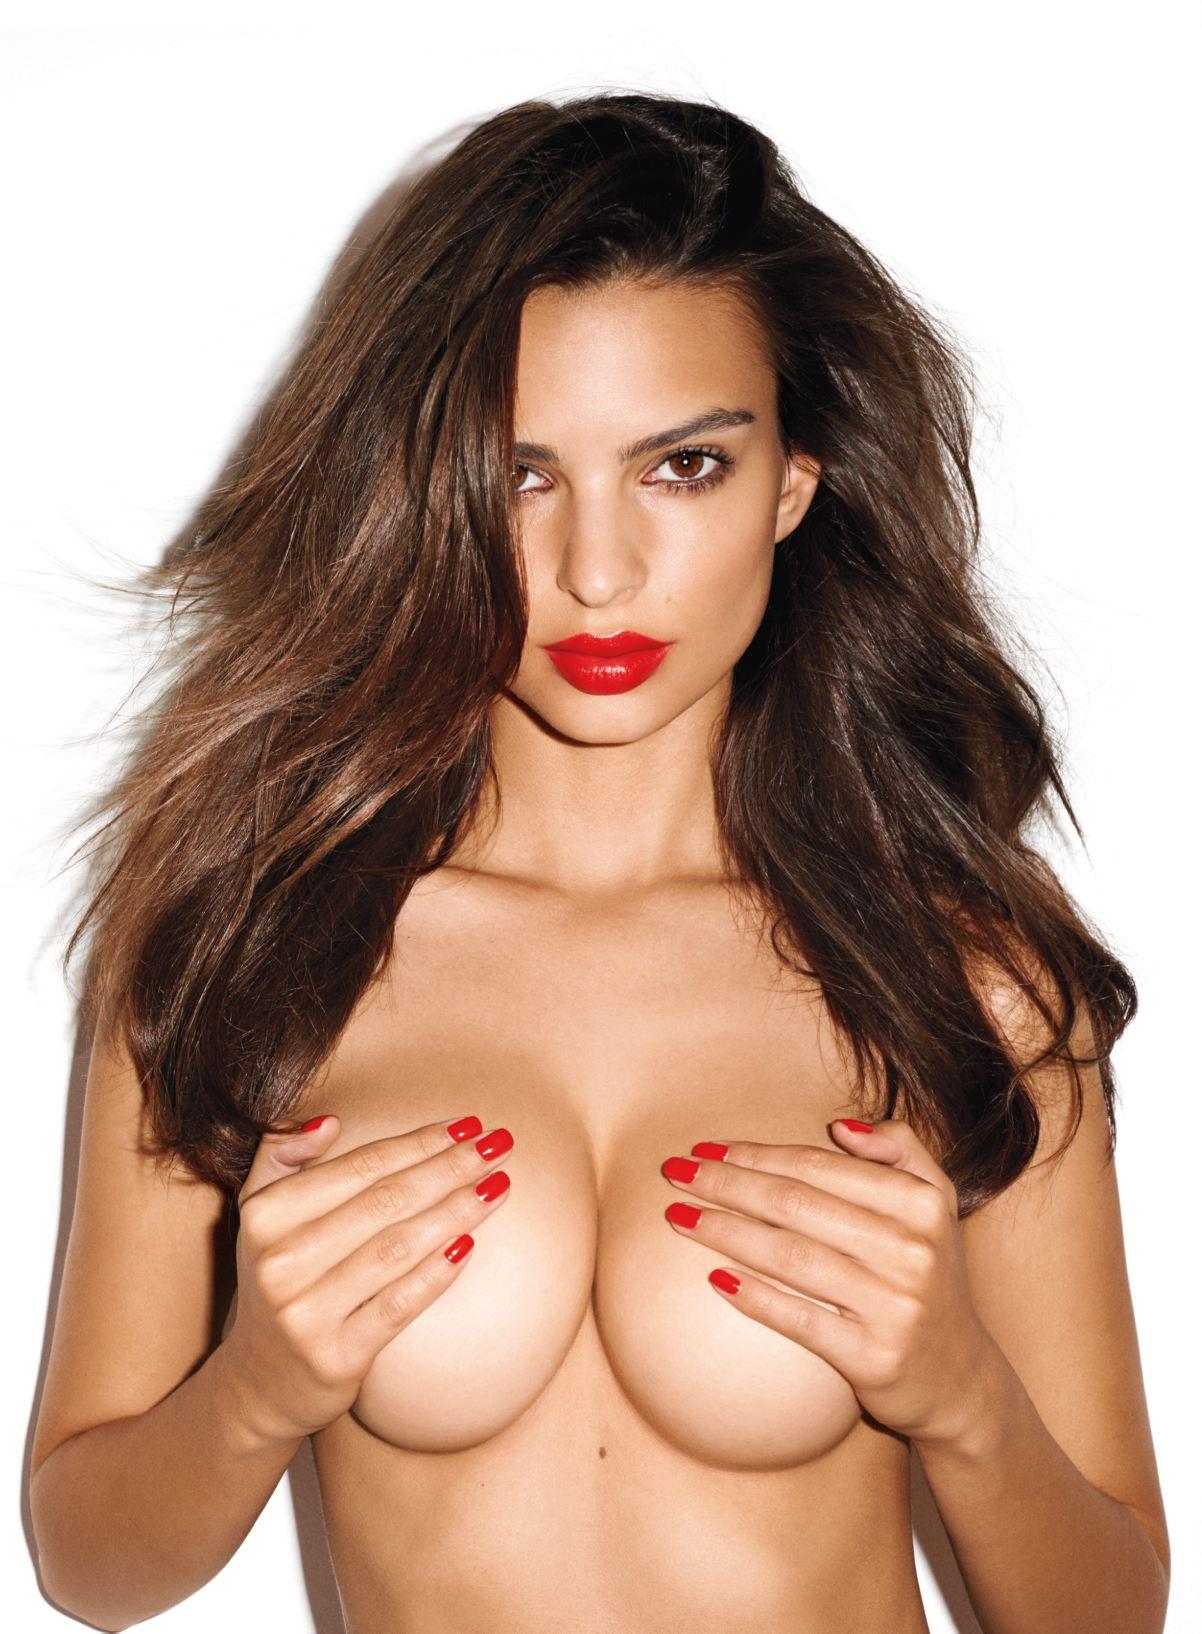 video fellations amateurs les 100 filles les plus sexy du monde selon gq